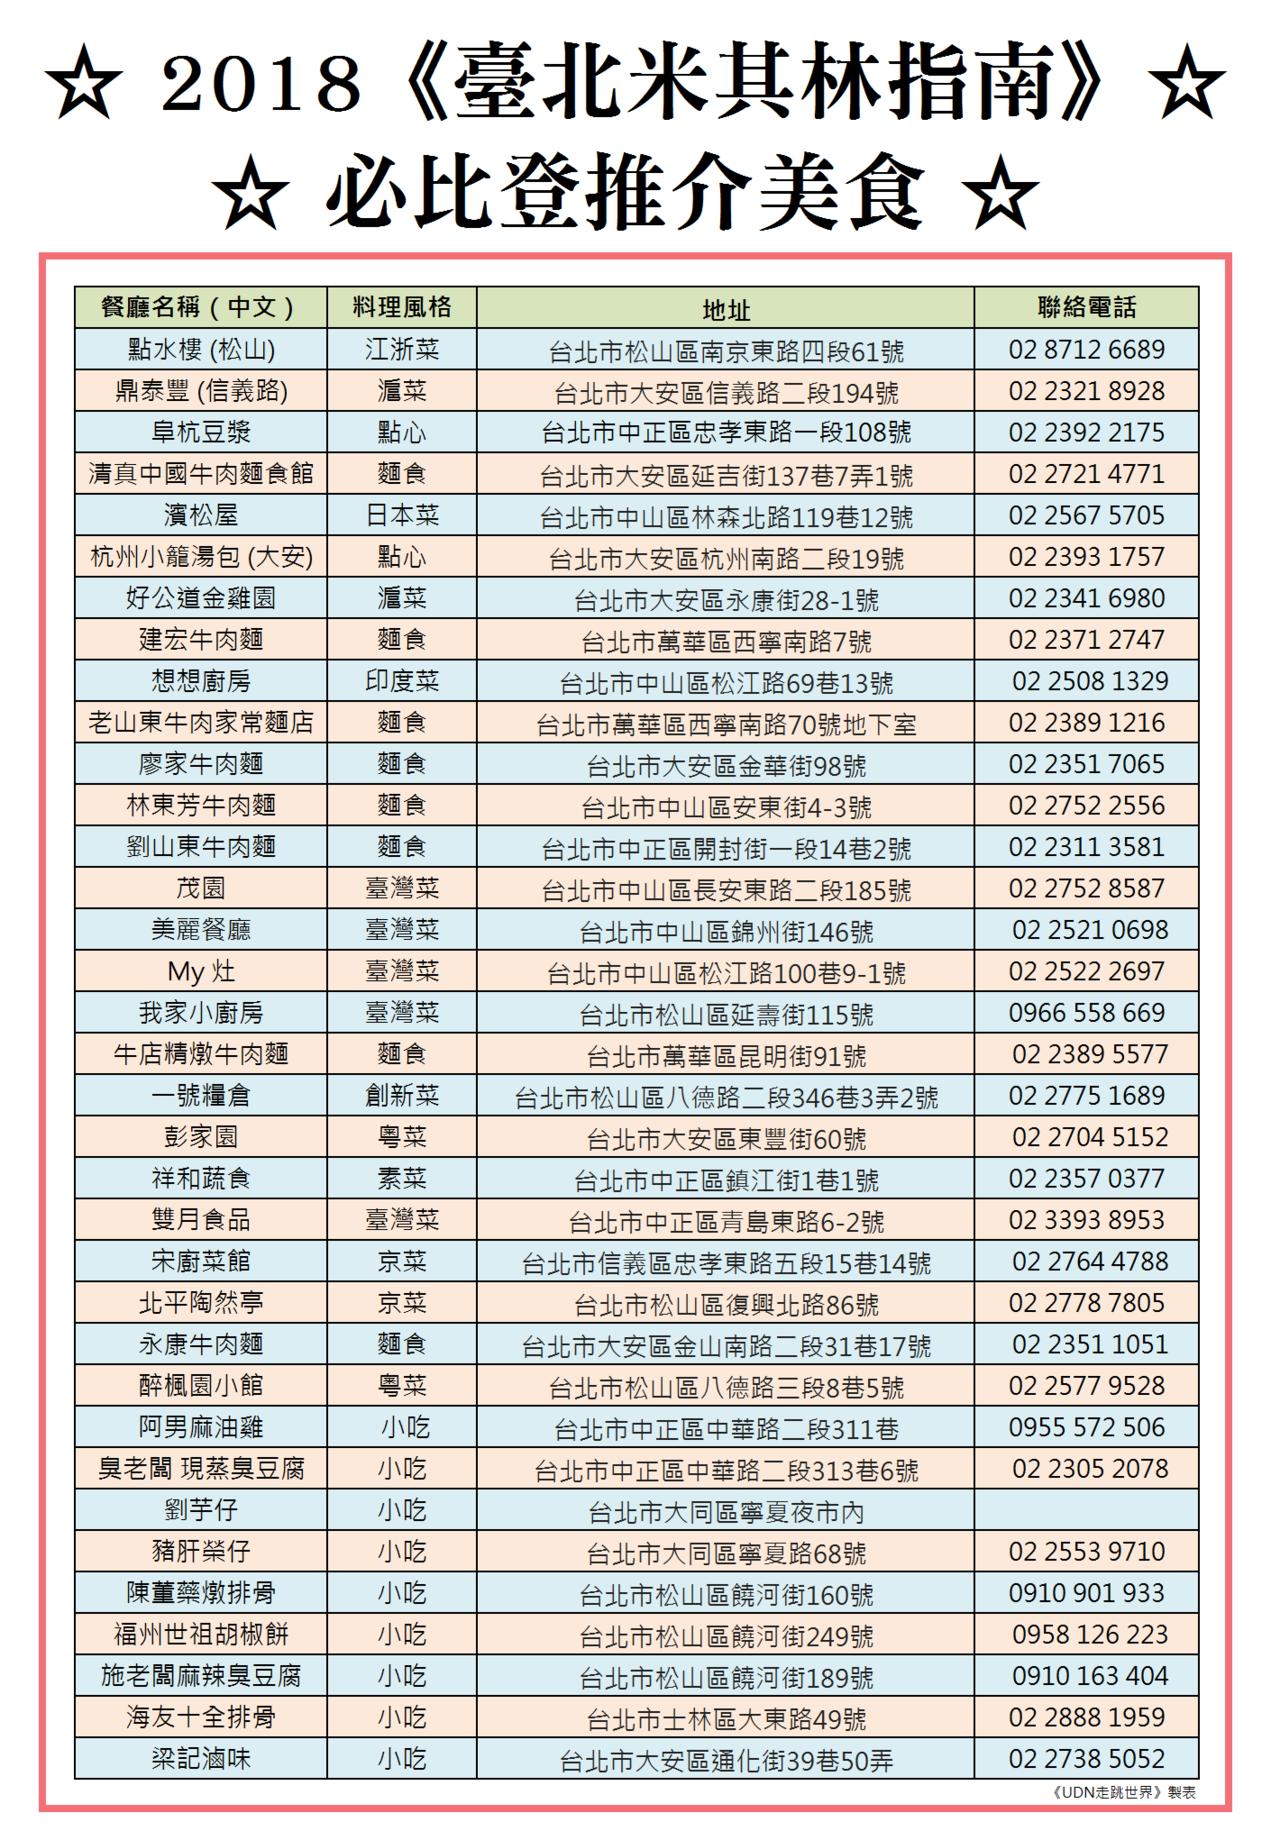 米其林於3月6日公佈2018年台北必比登推介美食餐廳名單。圖/報系製表